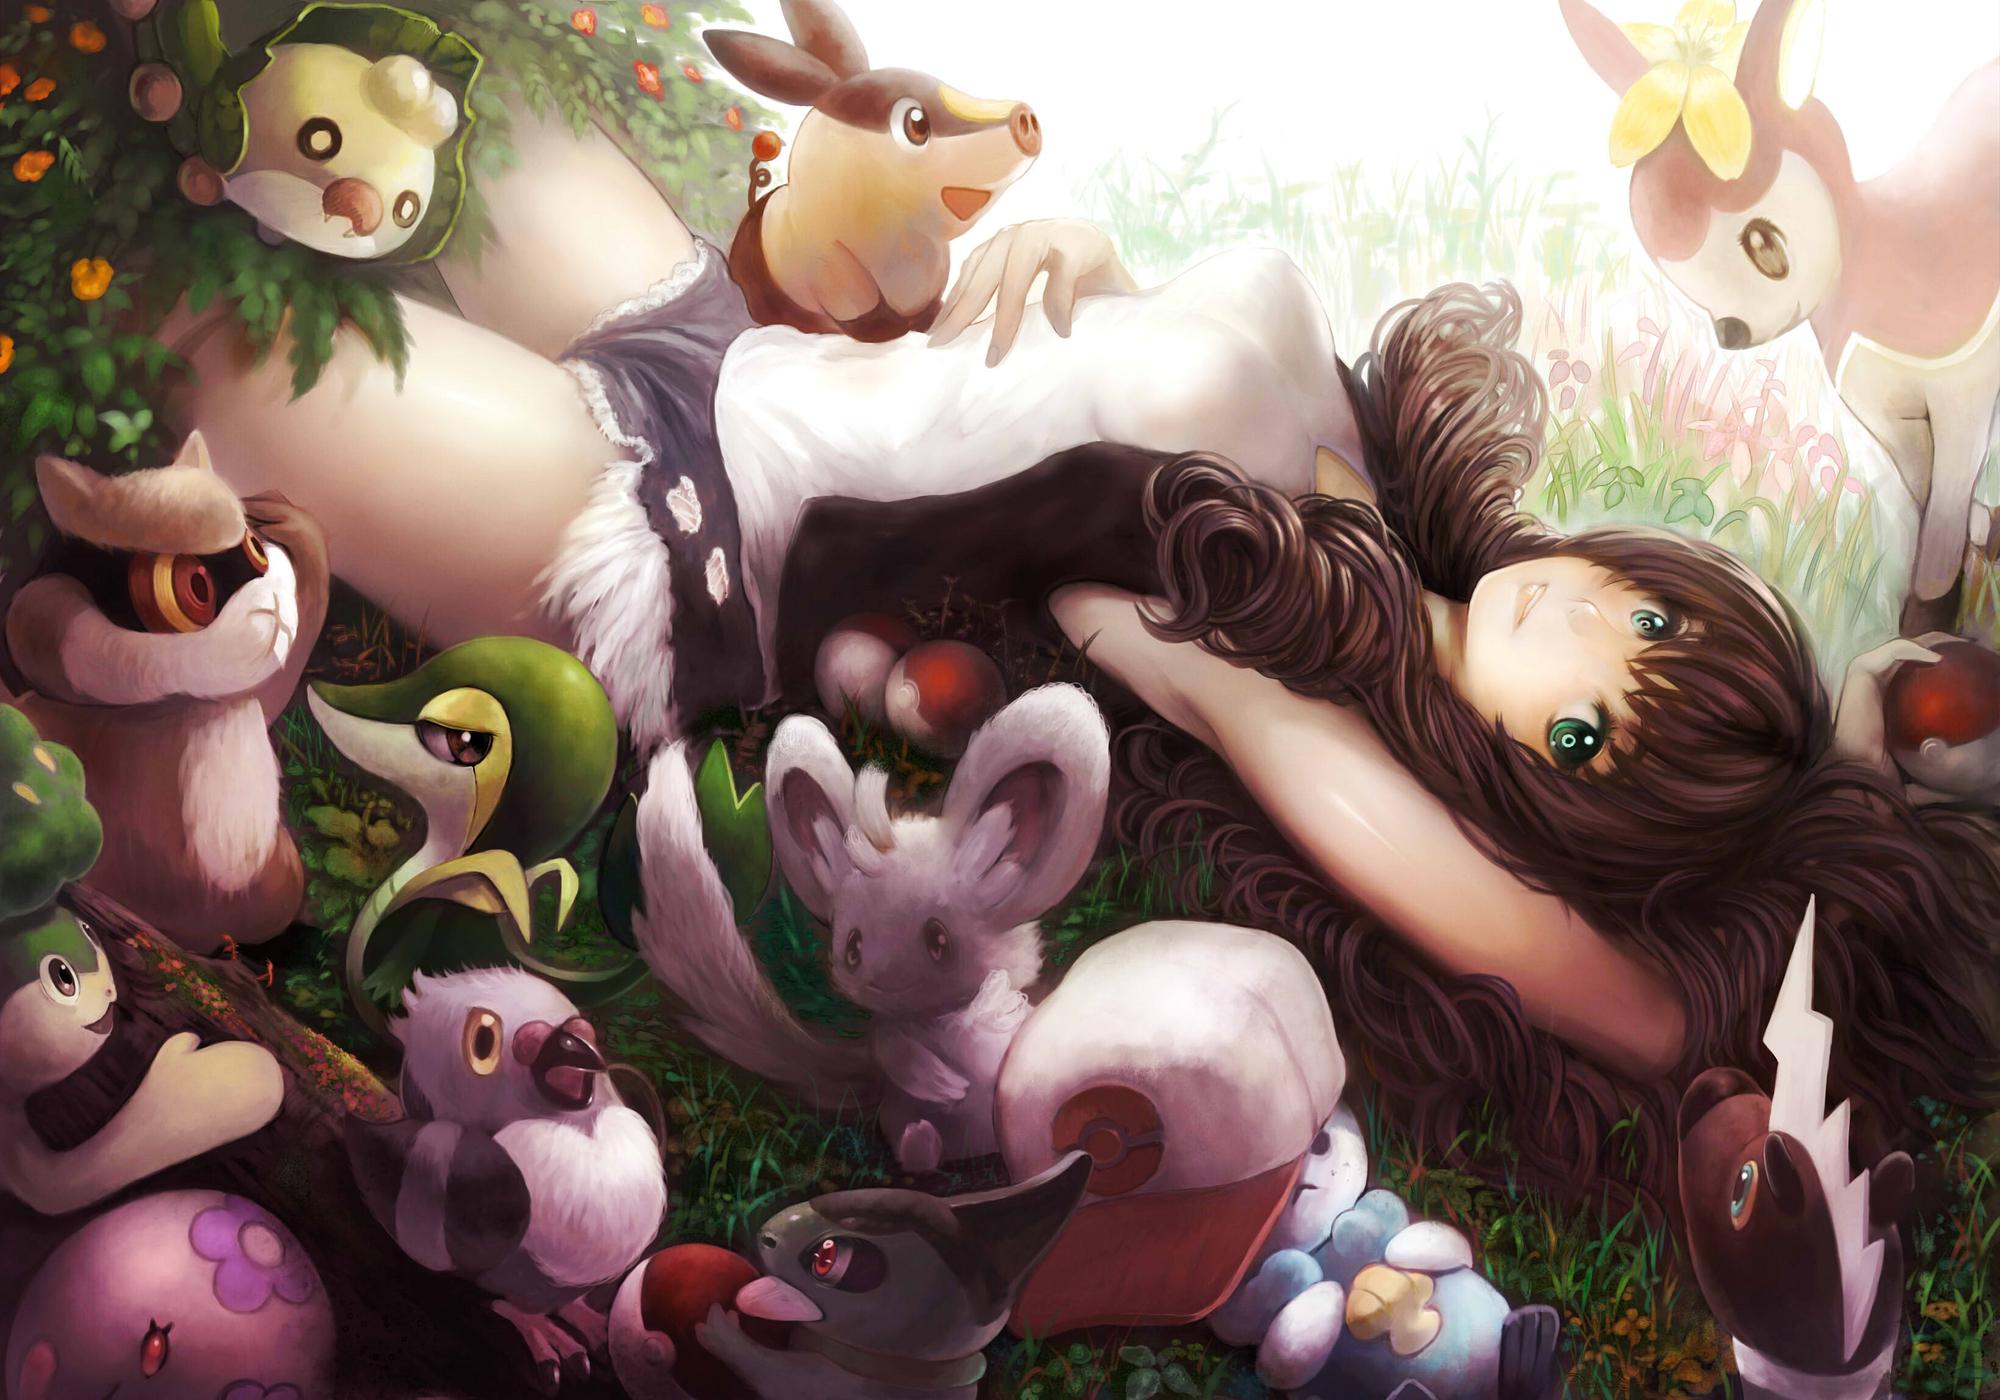 animal brown_hair flowers grass green_eyes hat pokemon shorts touko_(pokemon) tree yoshiku_(oden-usagi)